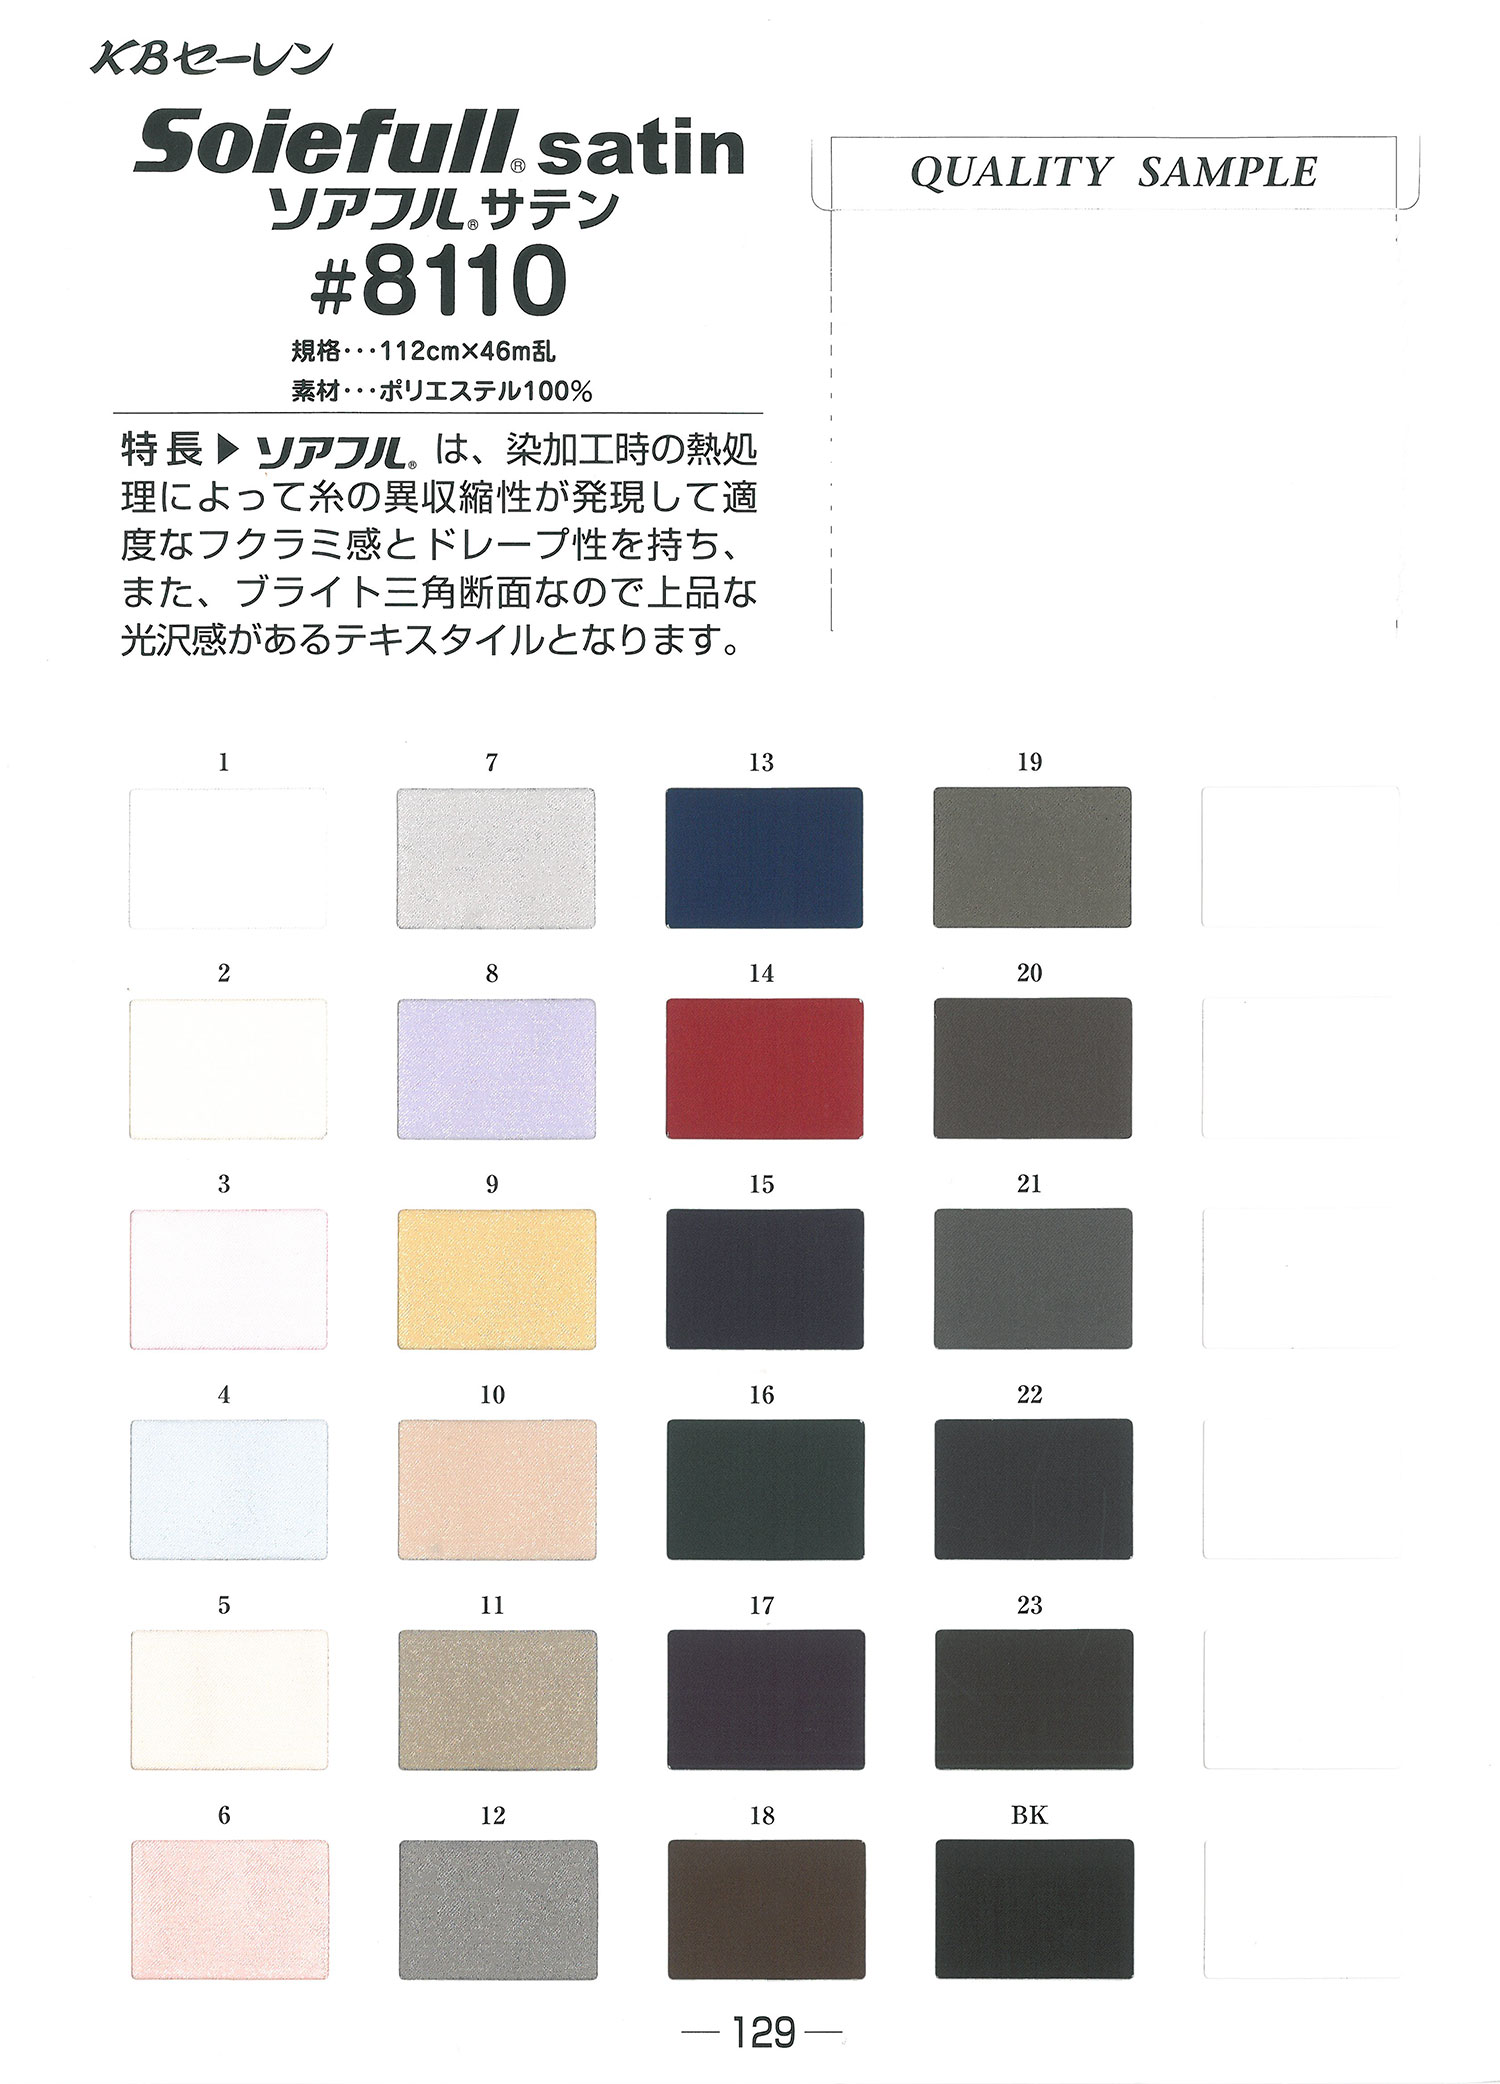 8110 ソフアル サテン[裏地] KBセーレン/オークラ商事 - ApparelX アパレル資材卸通販